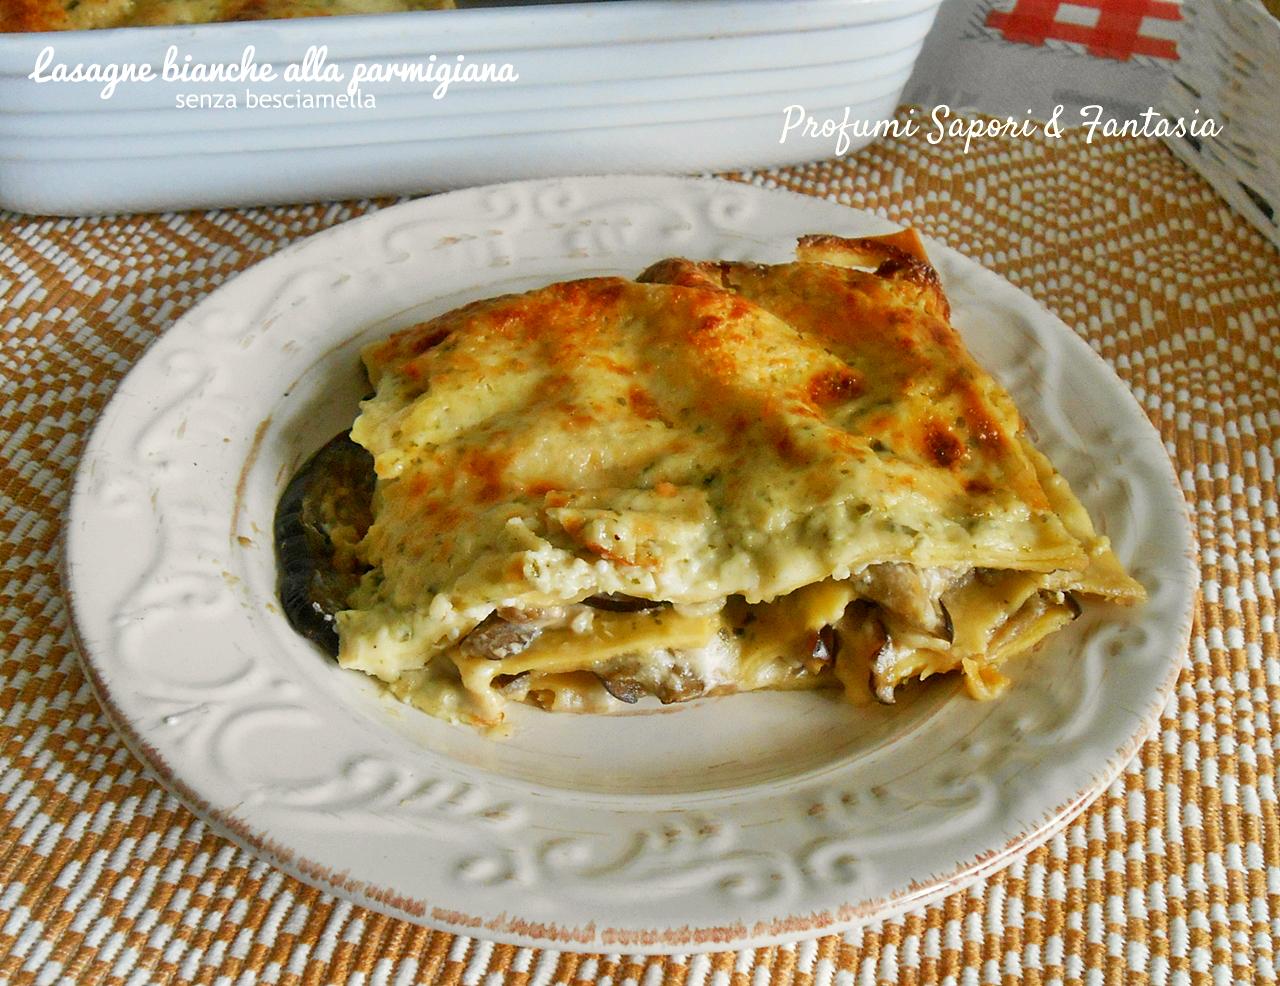 Lasagne Bianche Alla Parmigiana Senza Besciamella Facili E Super